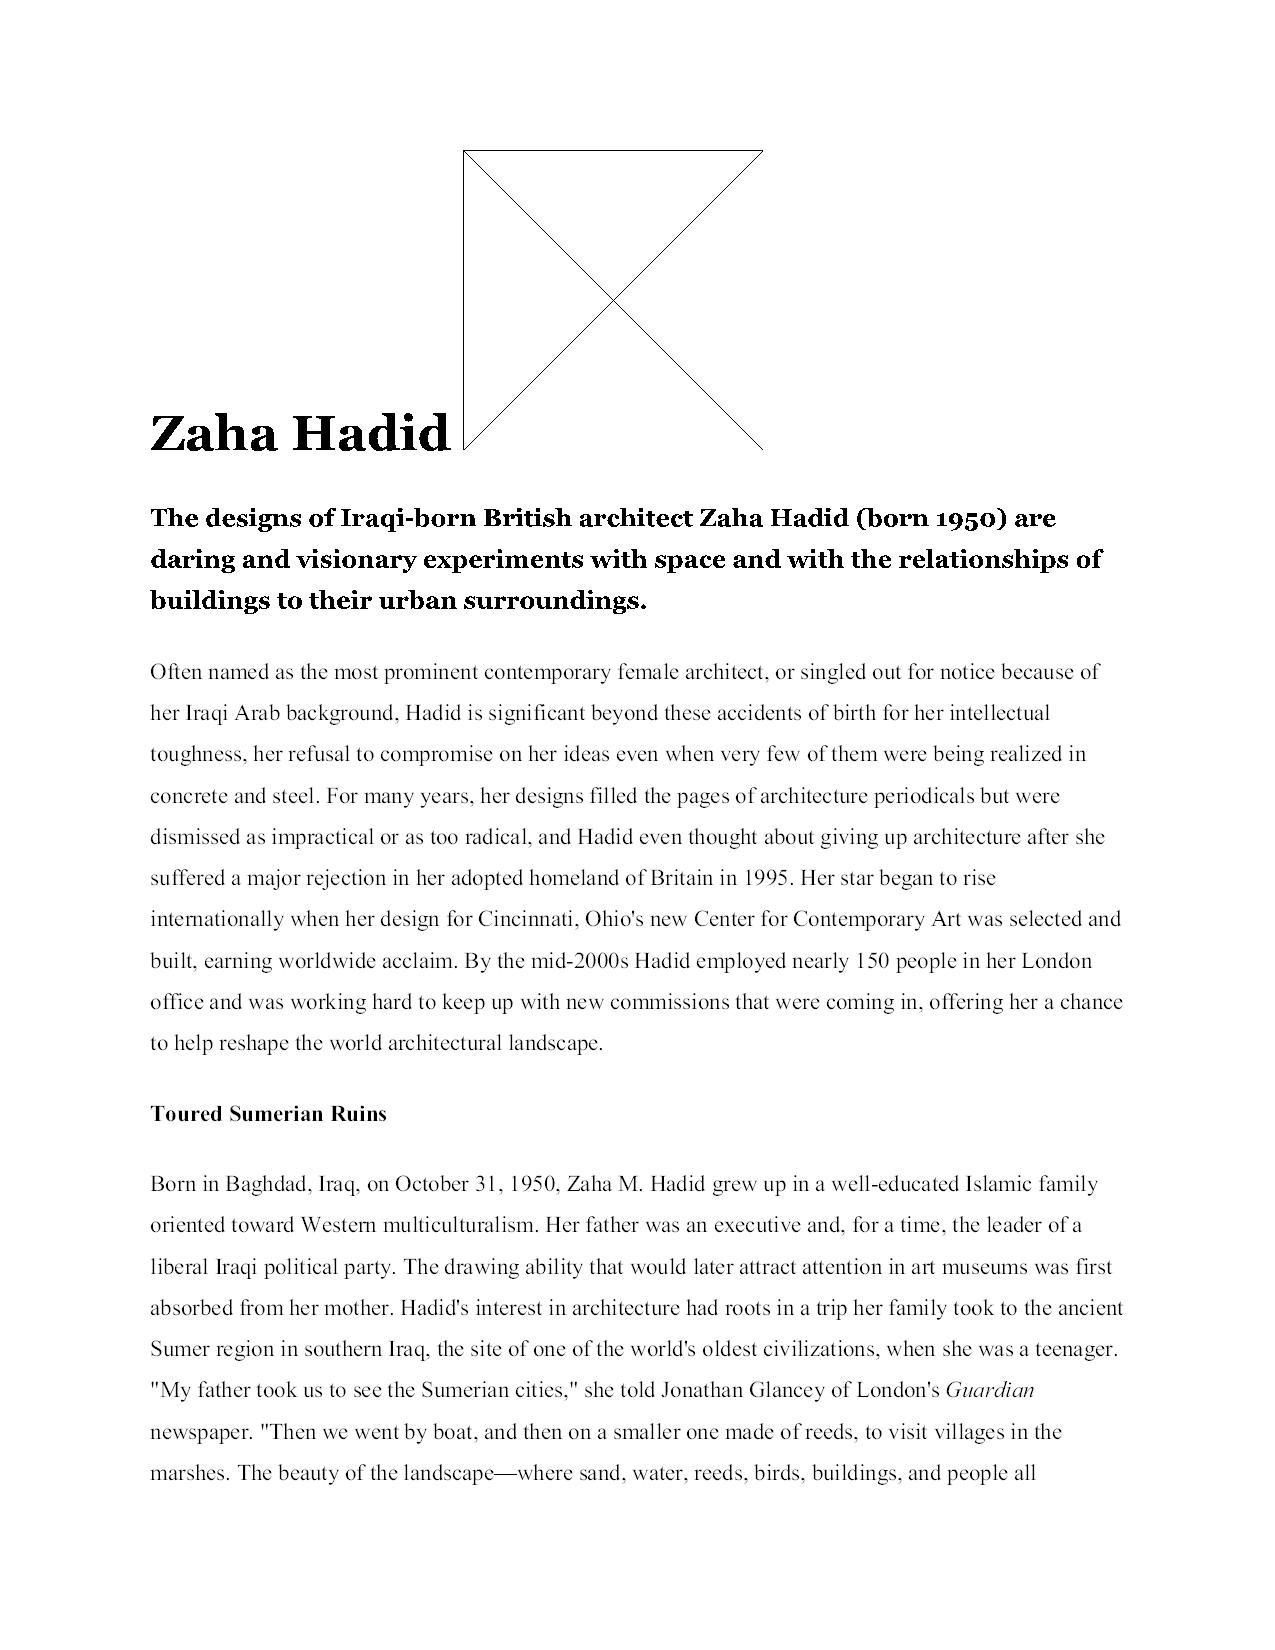 Zaha Hadid13